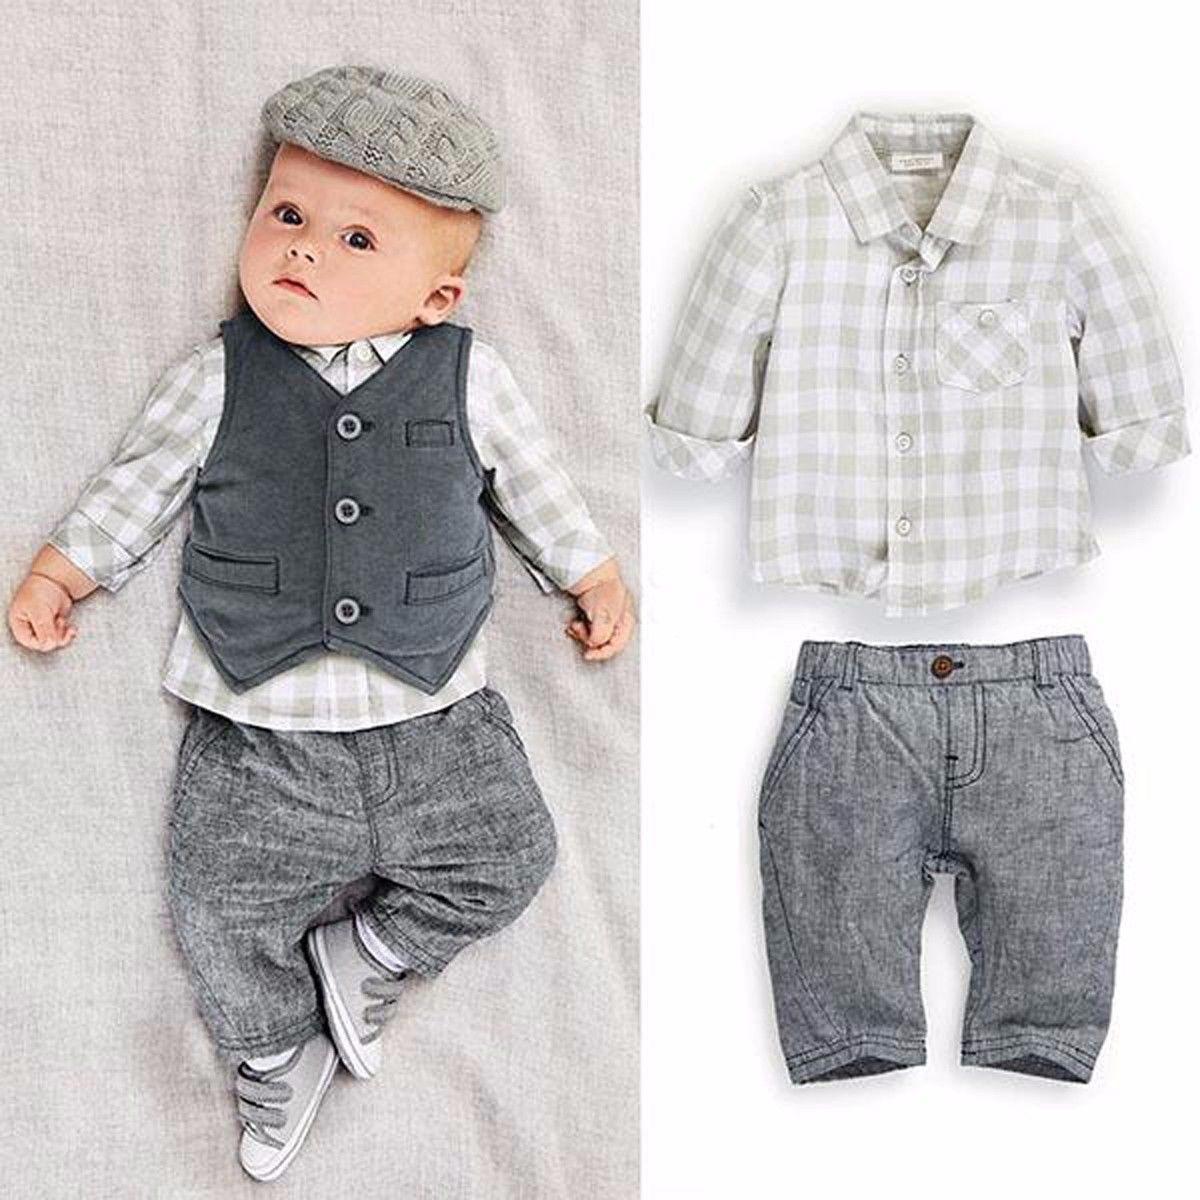 30ba76d99a16 3pcs Newborn Baby Infant Boys Outfit Set Waistcoat+Shirt+Pants Kids Clothes  Suit